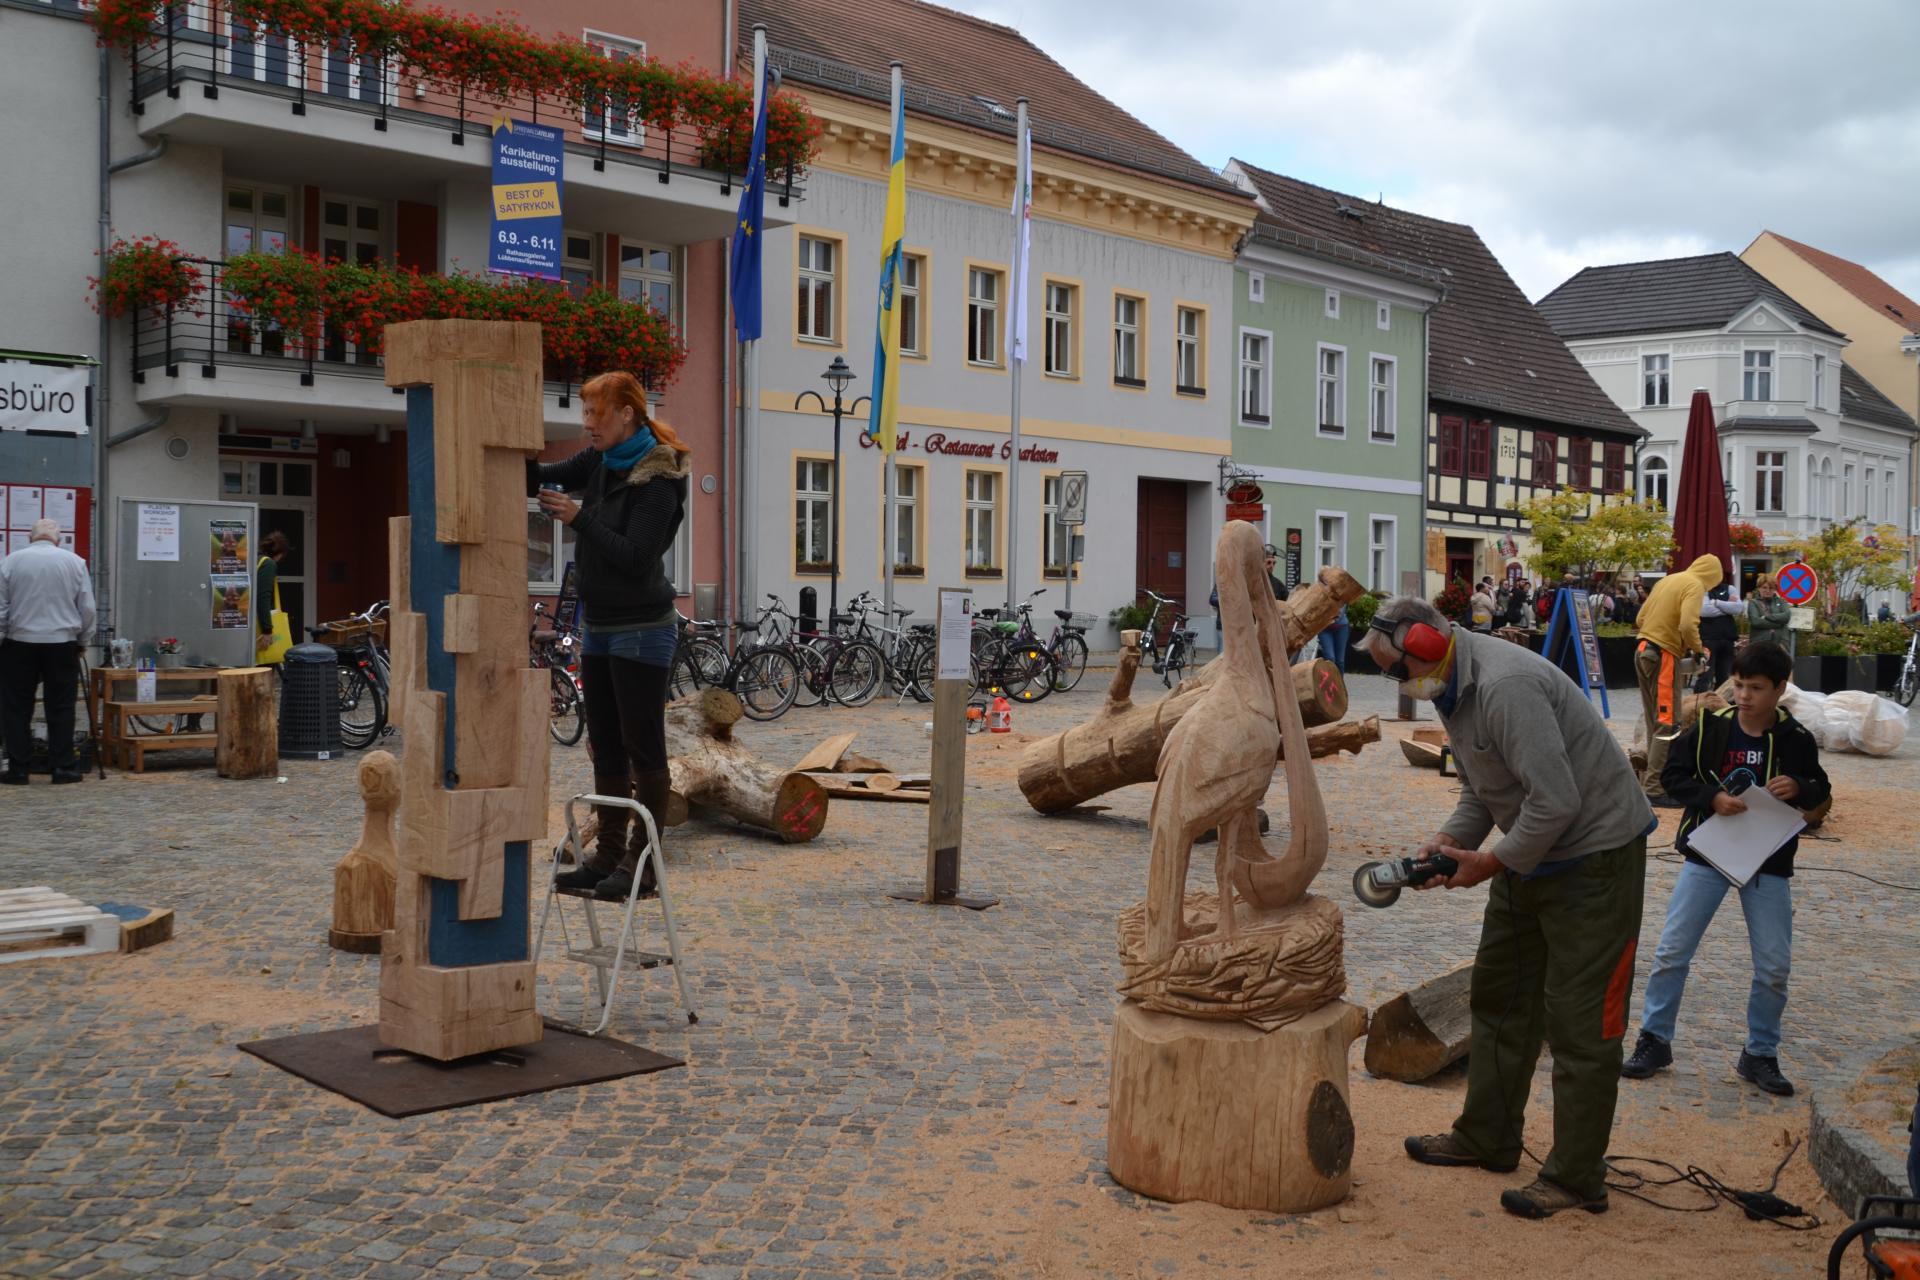 Künstler beim gestalten Ihrer Skulpturen beim SPREEWALDATELIER 2019, Quelle: Stadt Lübbenau/Spreewald